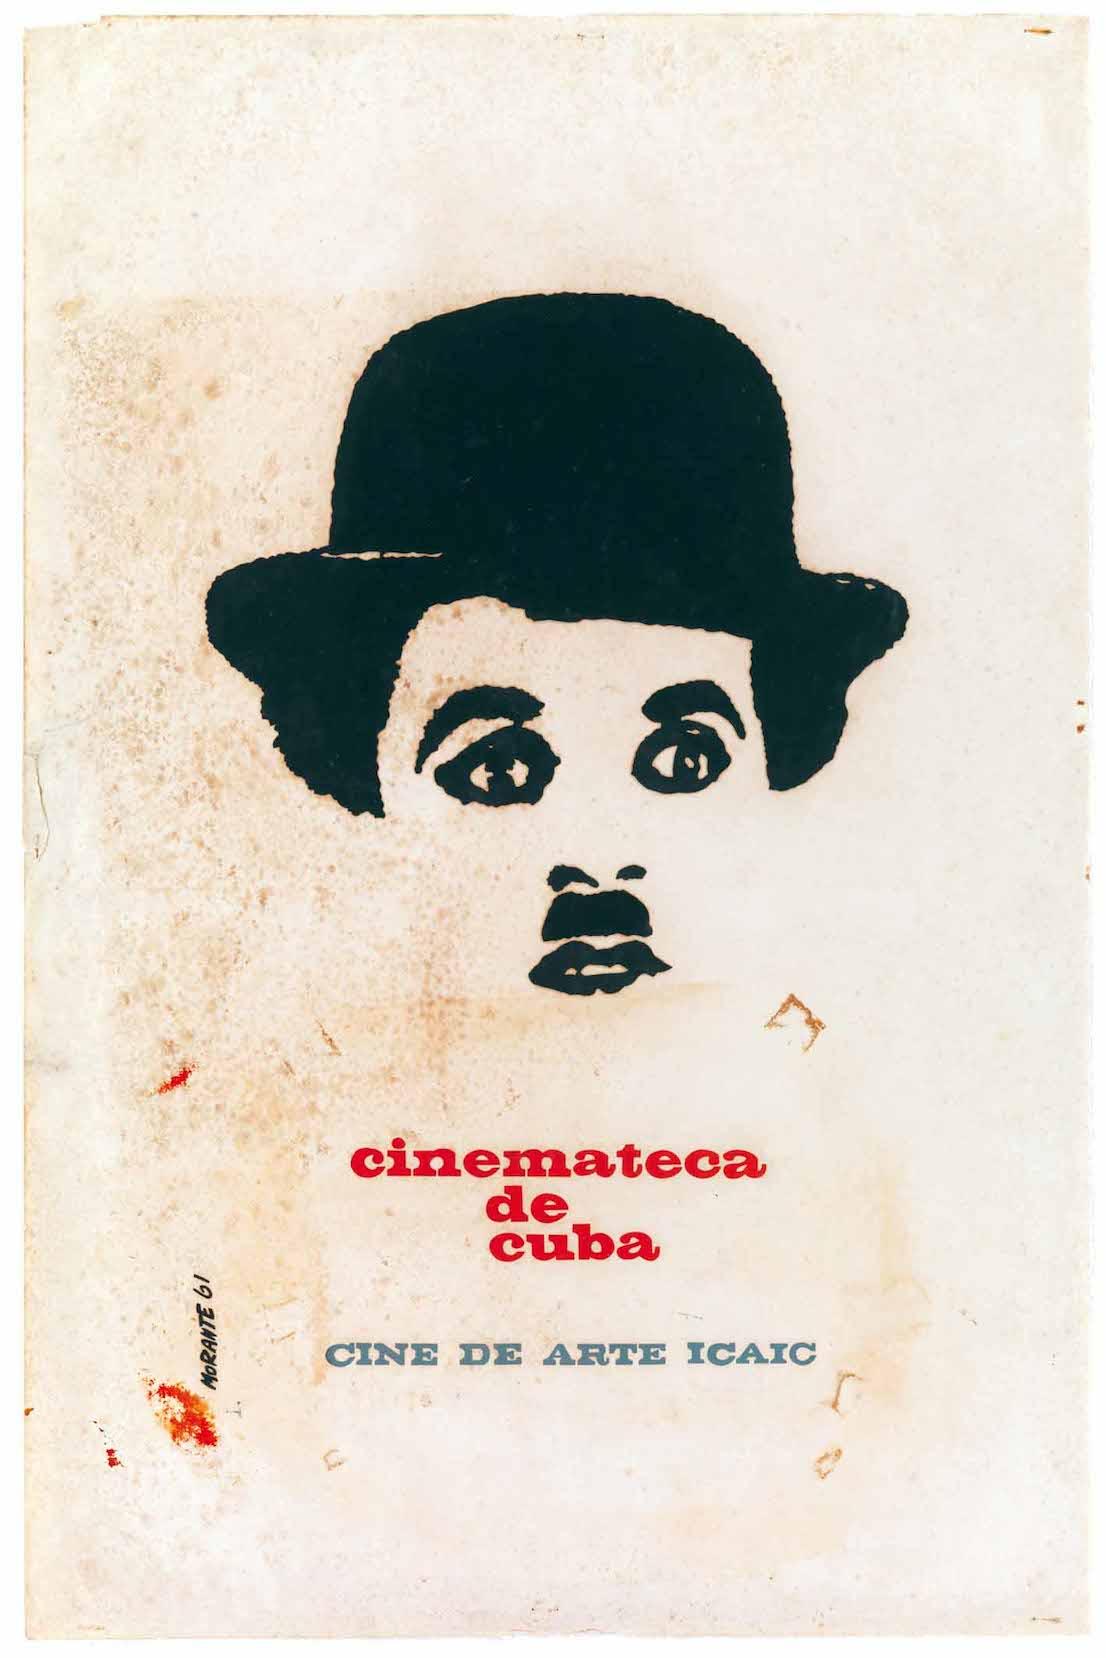 Rafael Morante, Cinemateca de Cuba, 1961.